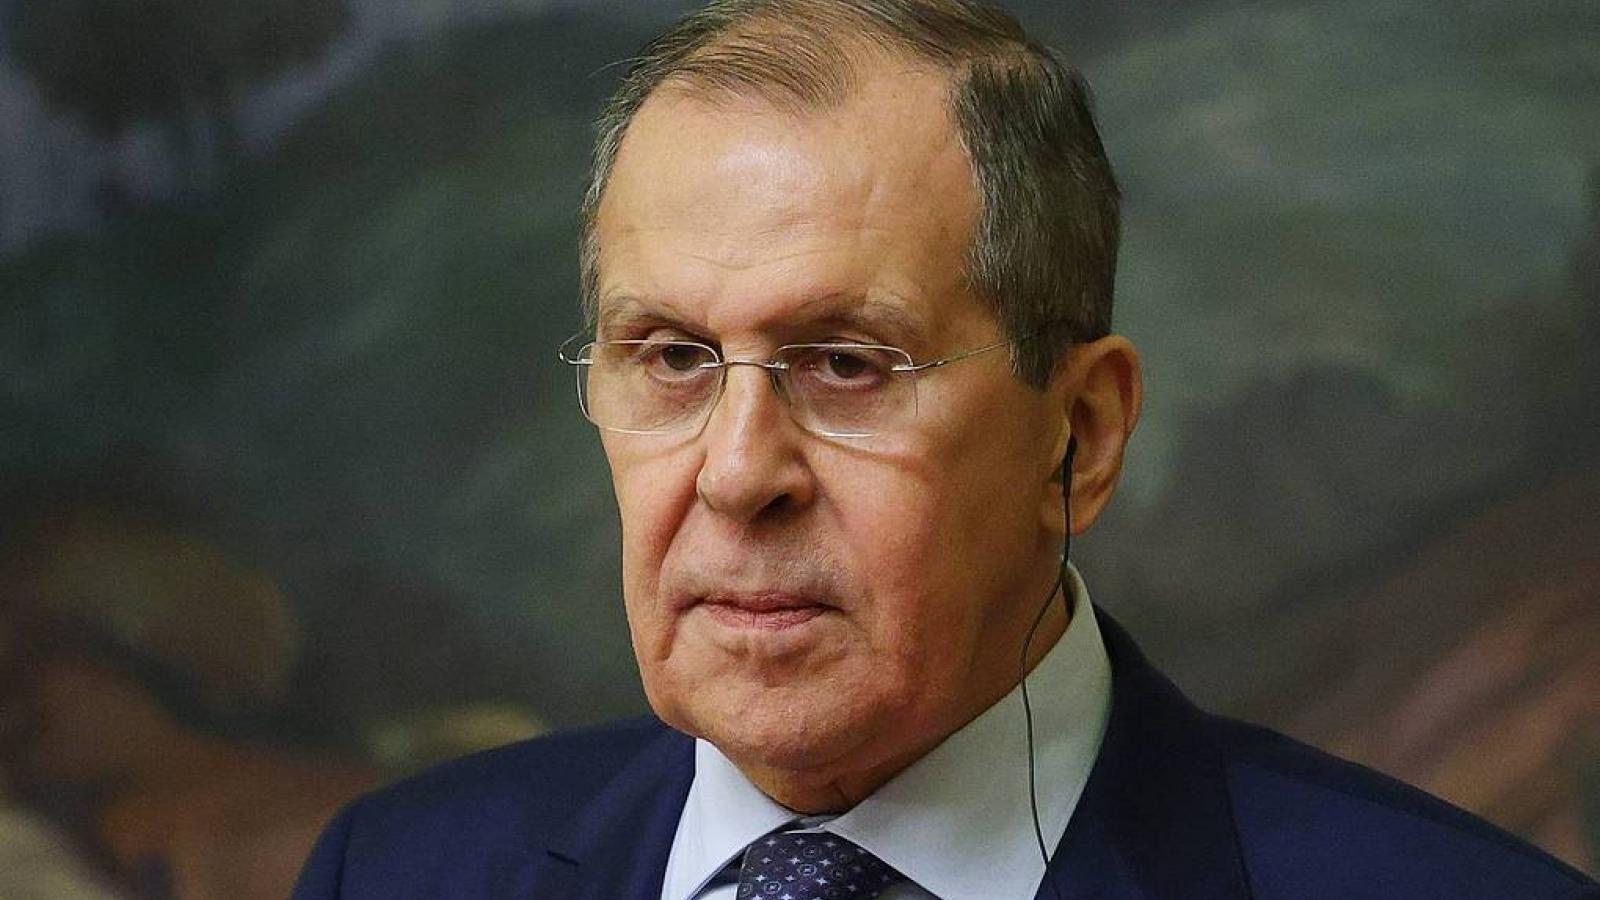 Nga tuyên bố sẽ đáp trả các bước đi không thân thiện của EU